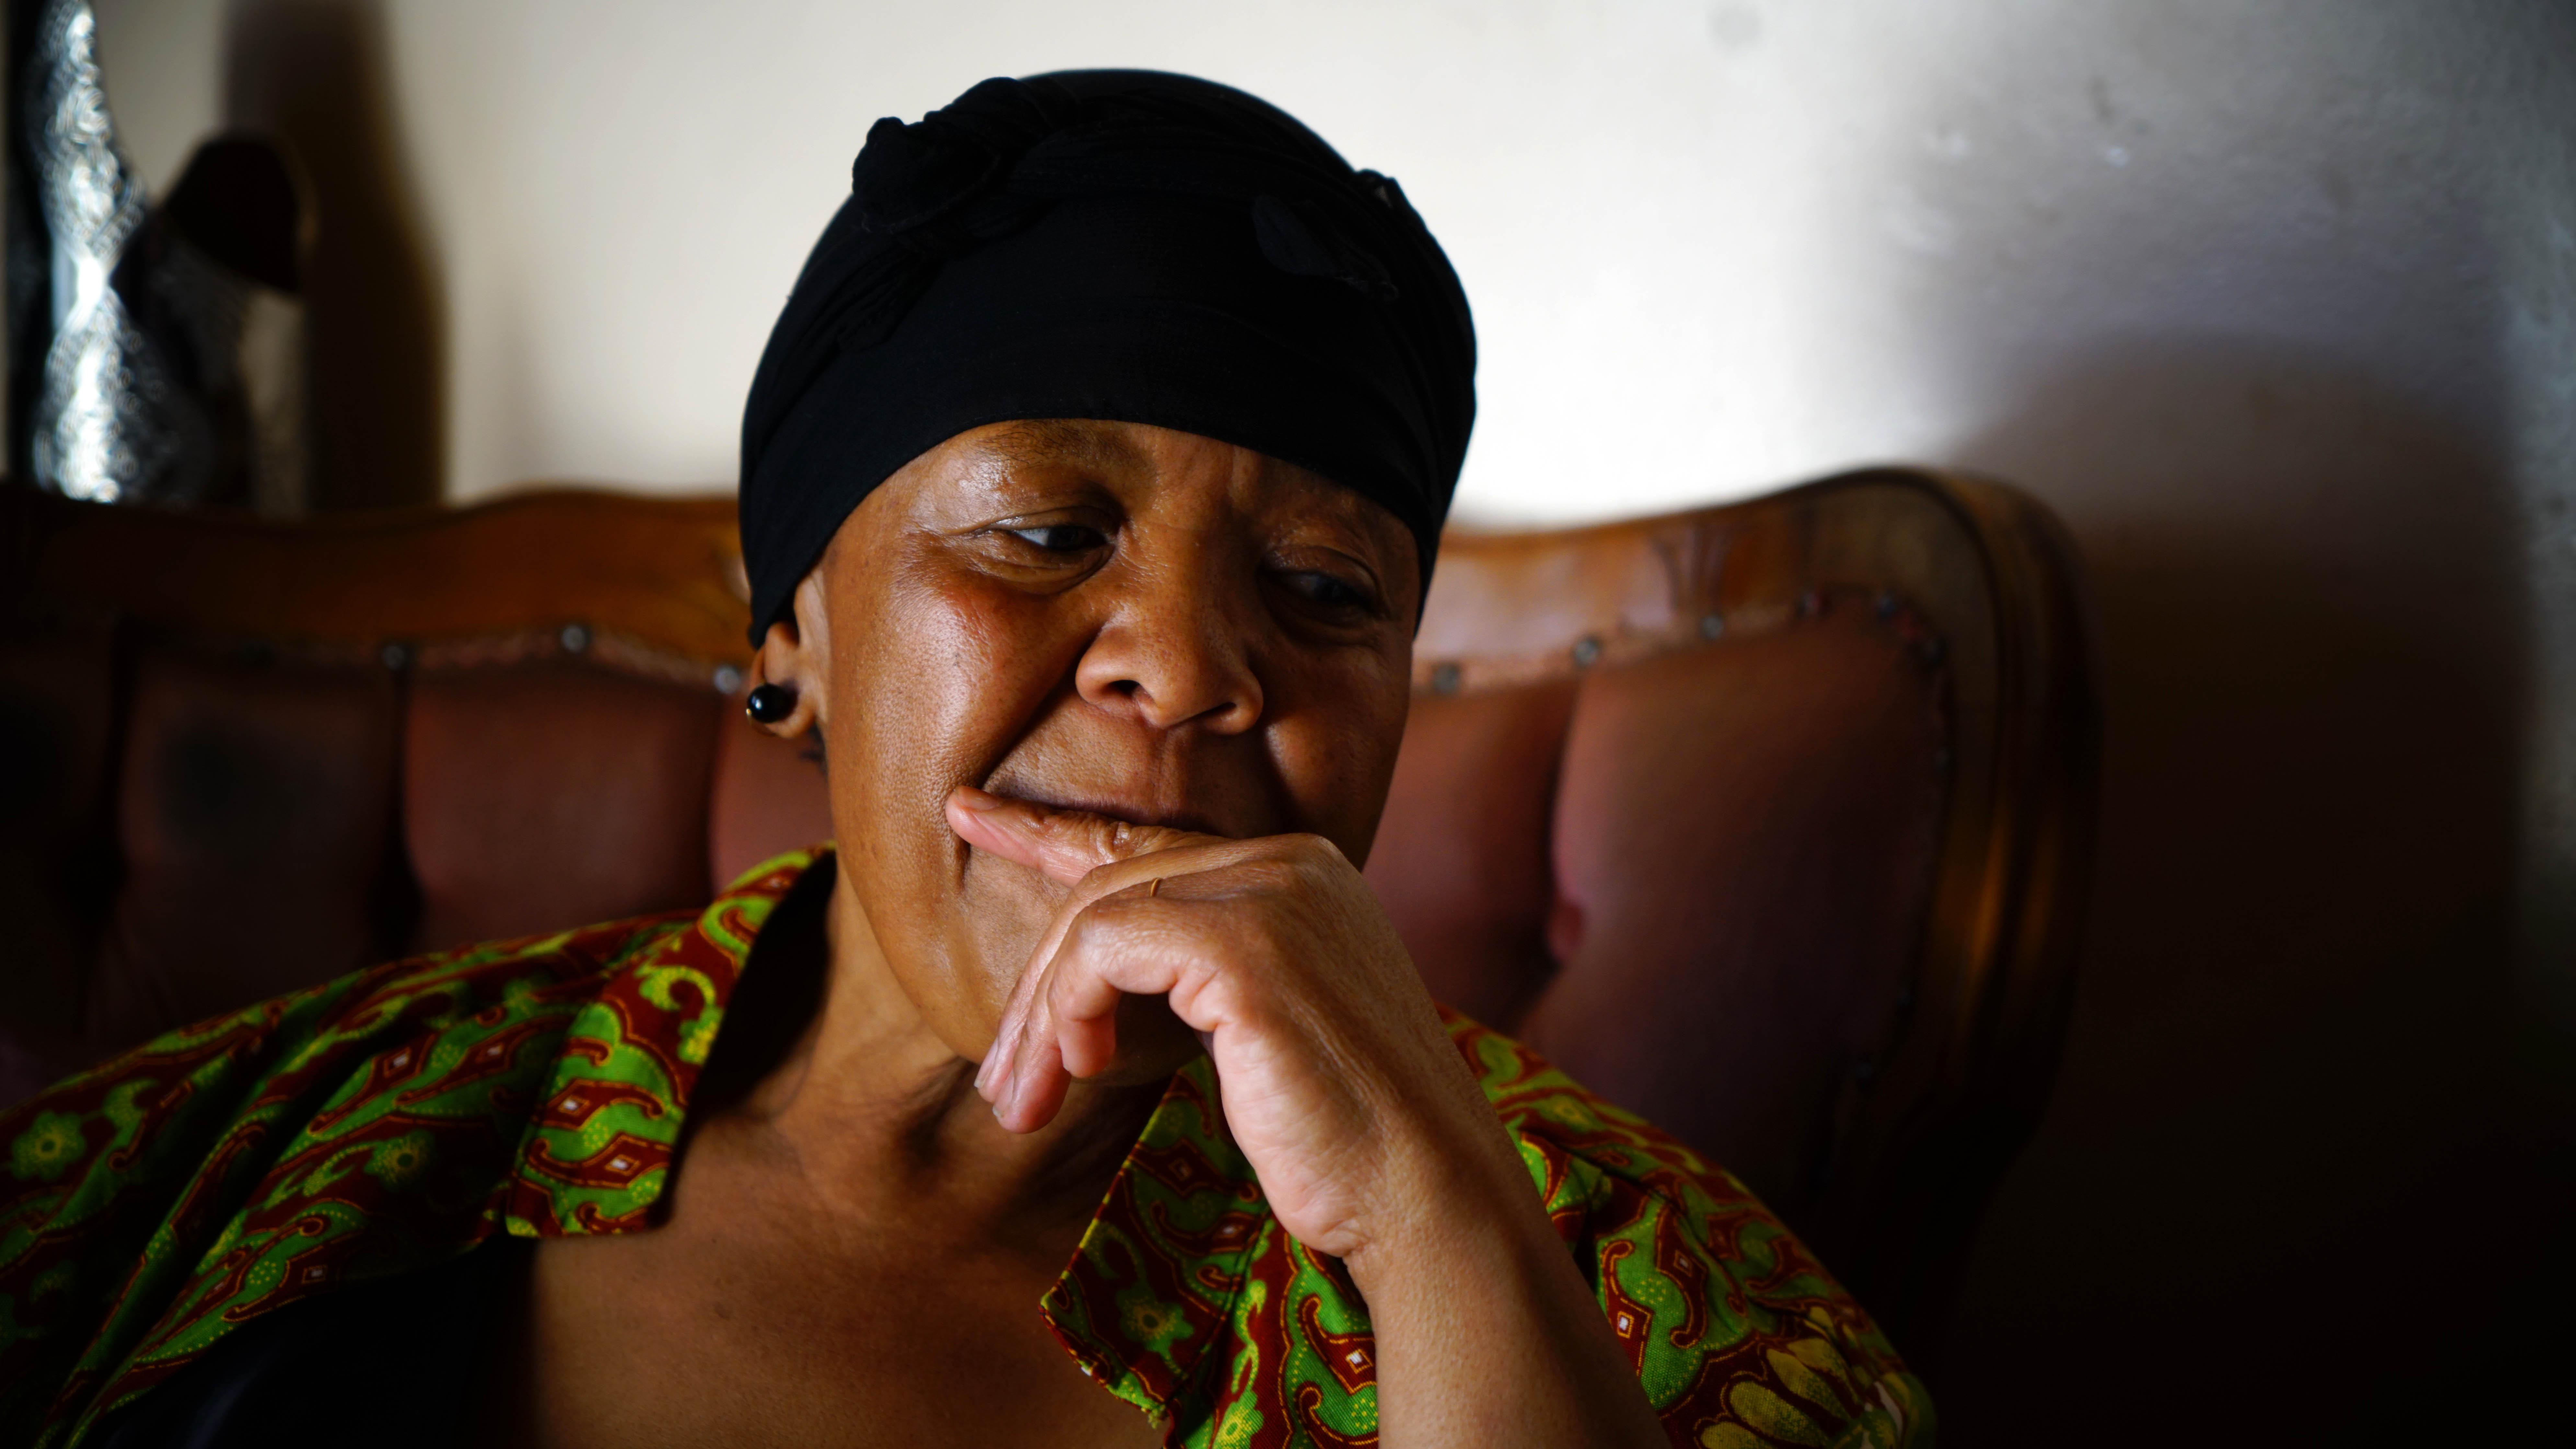 Thokozile Dlamini Mbuyisa Makhubu